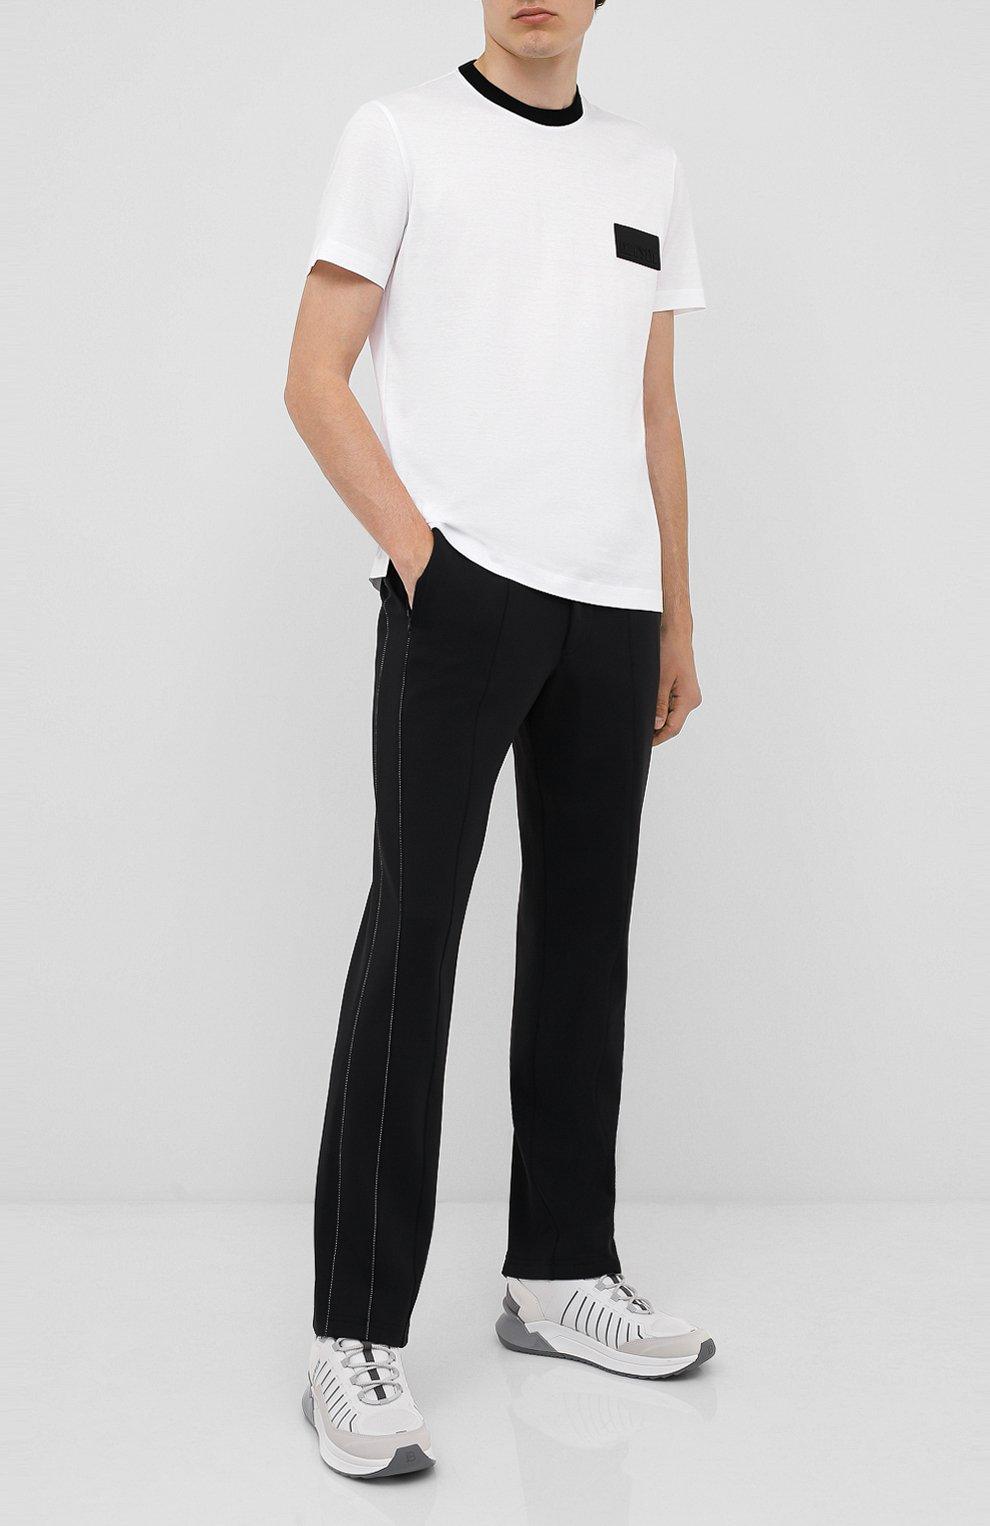 Мужская хлопковая футболка CROW'S EYE белого цвета, арт. LE 61   Фото 2 (Принт: Без принта; Рукава: Короткие; Длина (для топов): Стандартные; Мужское Кросс-КТ: Футболка-одежда; Материал внешний: Хлопок; Стили: Спорт-шик)